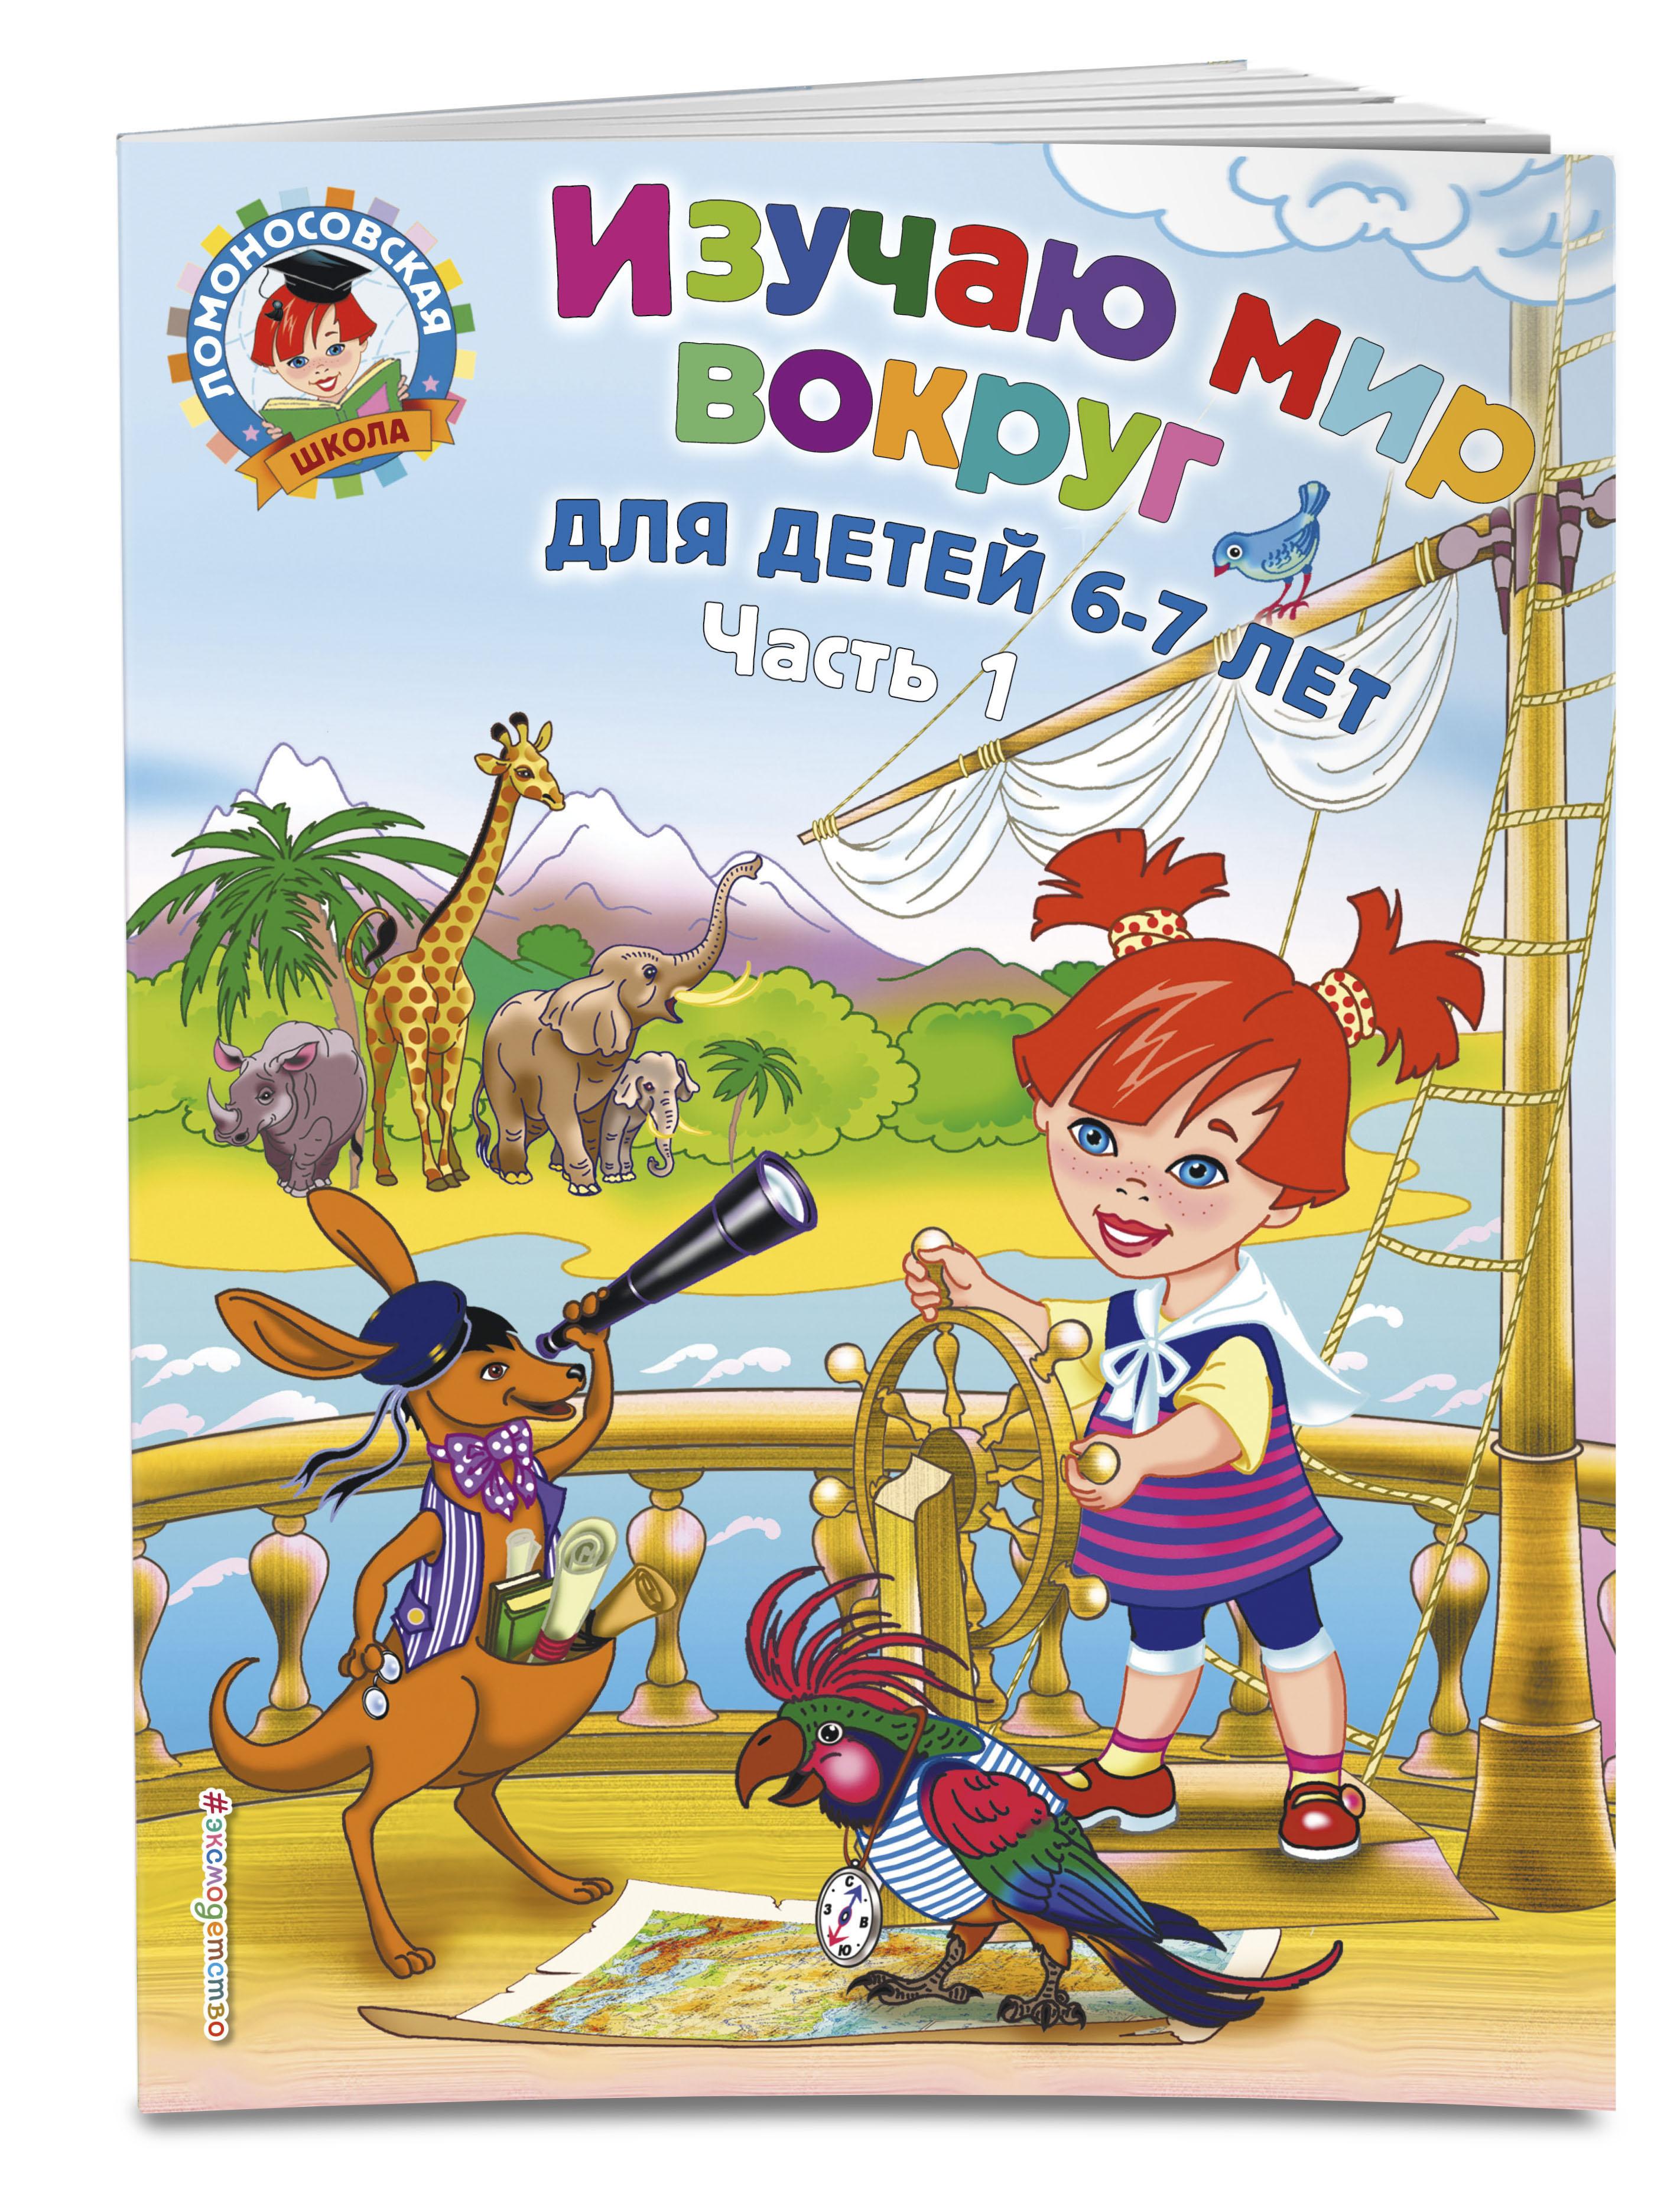 Липская Н.М. Изучаю мир вокруг: для детей 6-7 лет. Ч. 1 книги эксмо изучаю мир вокруг для детей 6 7 лет page 7